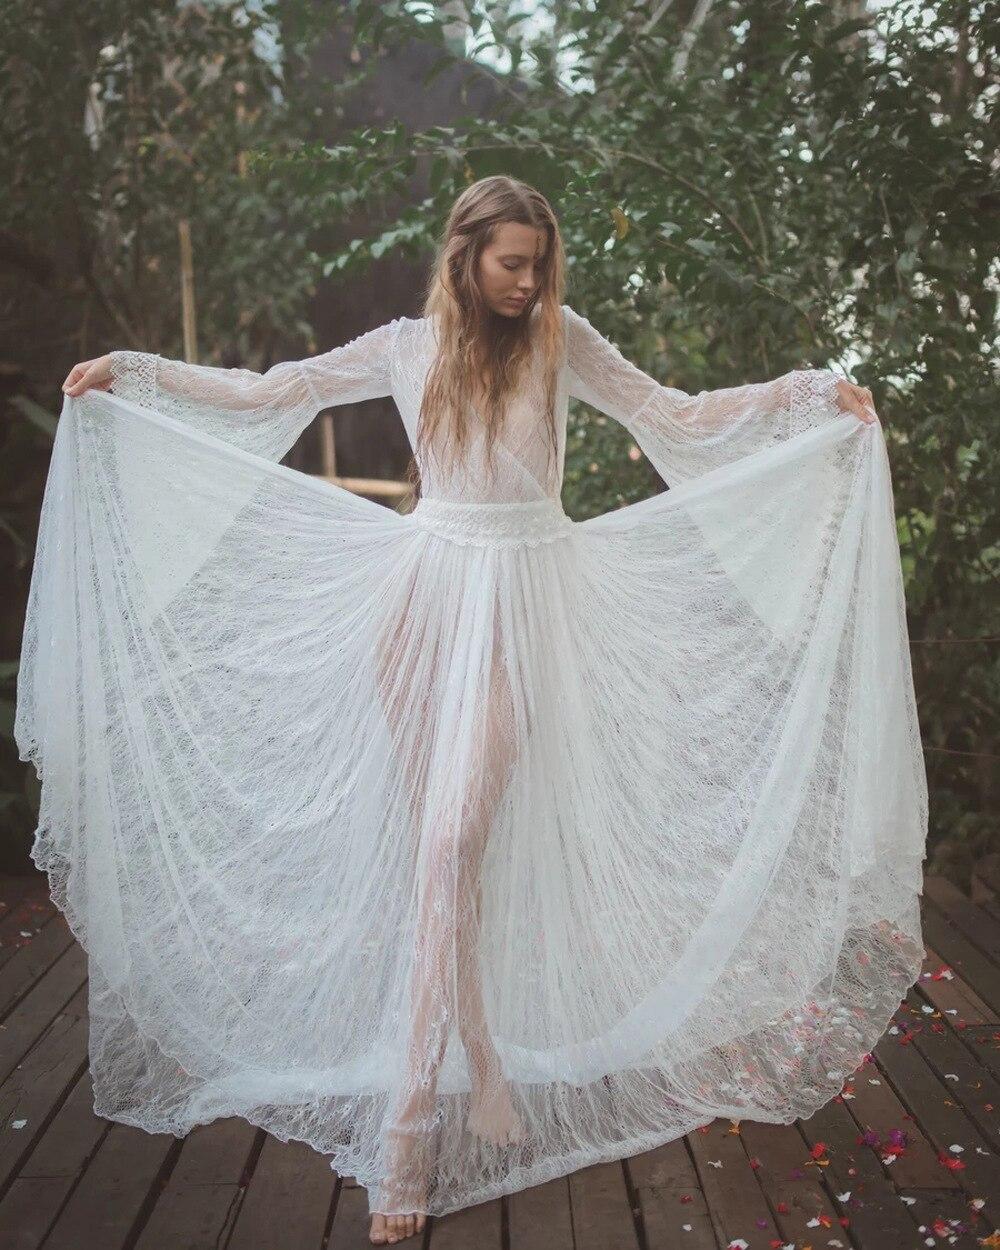 2020 весеннее женское средневековое платье для сна, сексуальное винтажное белое кружевное платье с v образным вырезом, макси, богемное нарядное платье, костюм        АлиЭкспресс